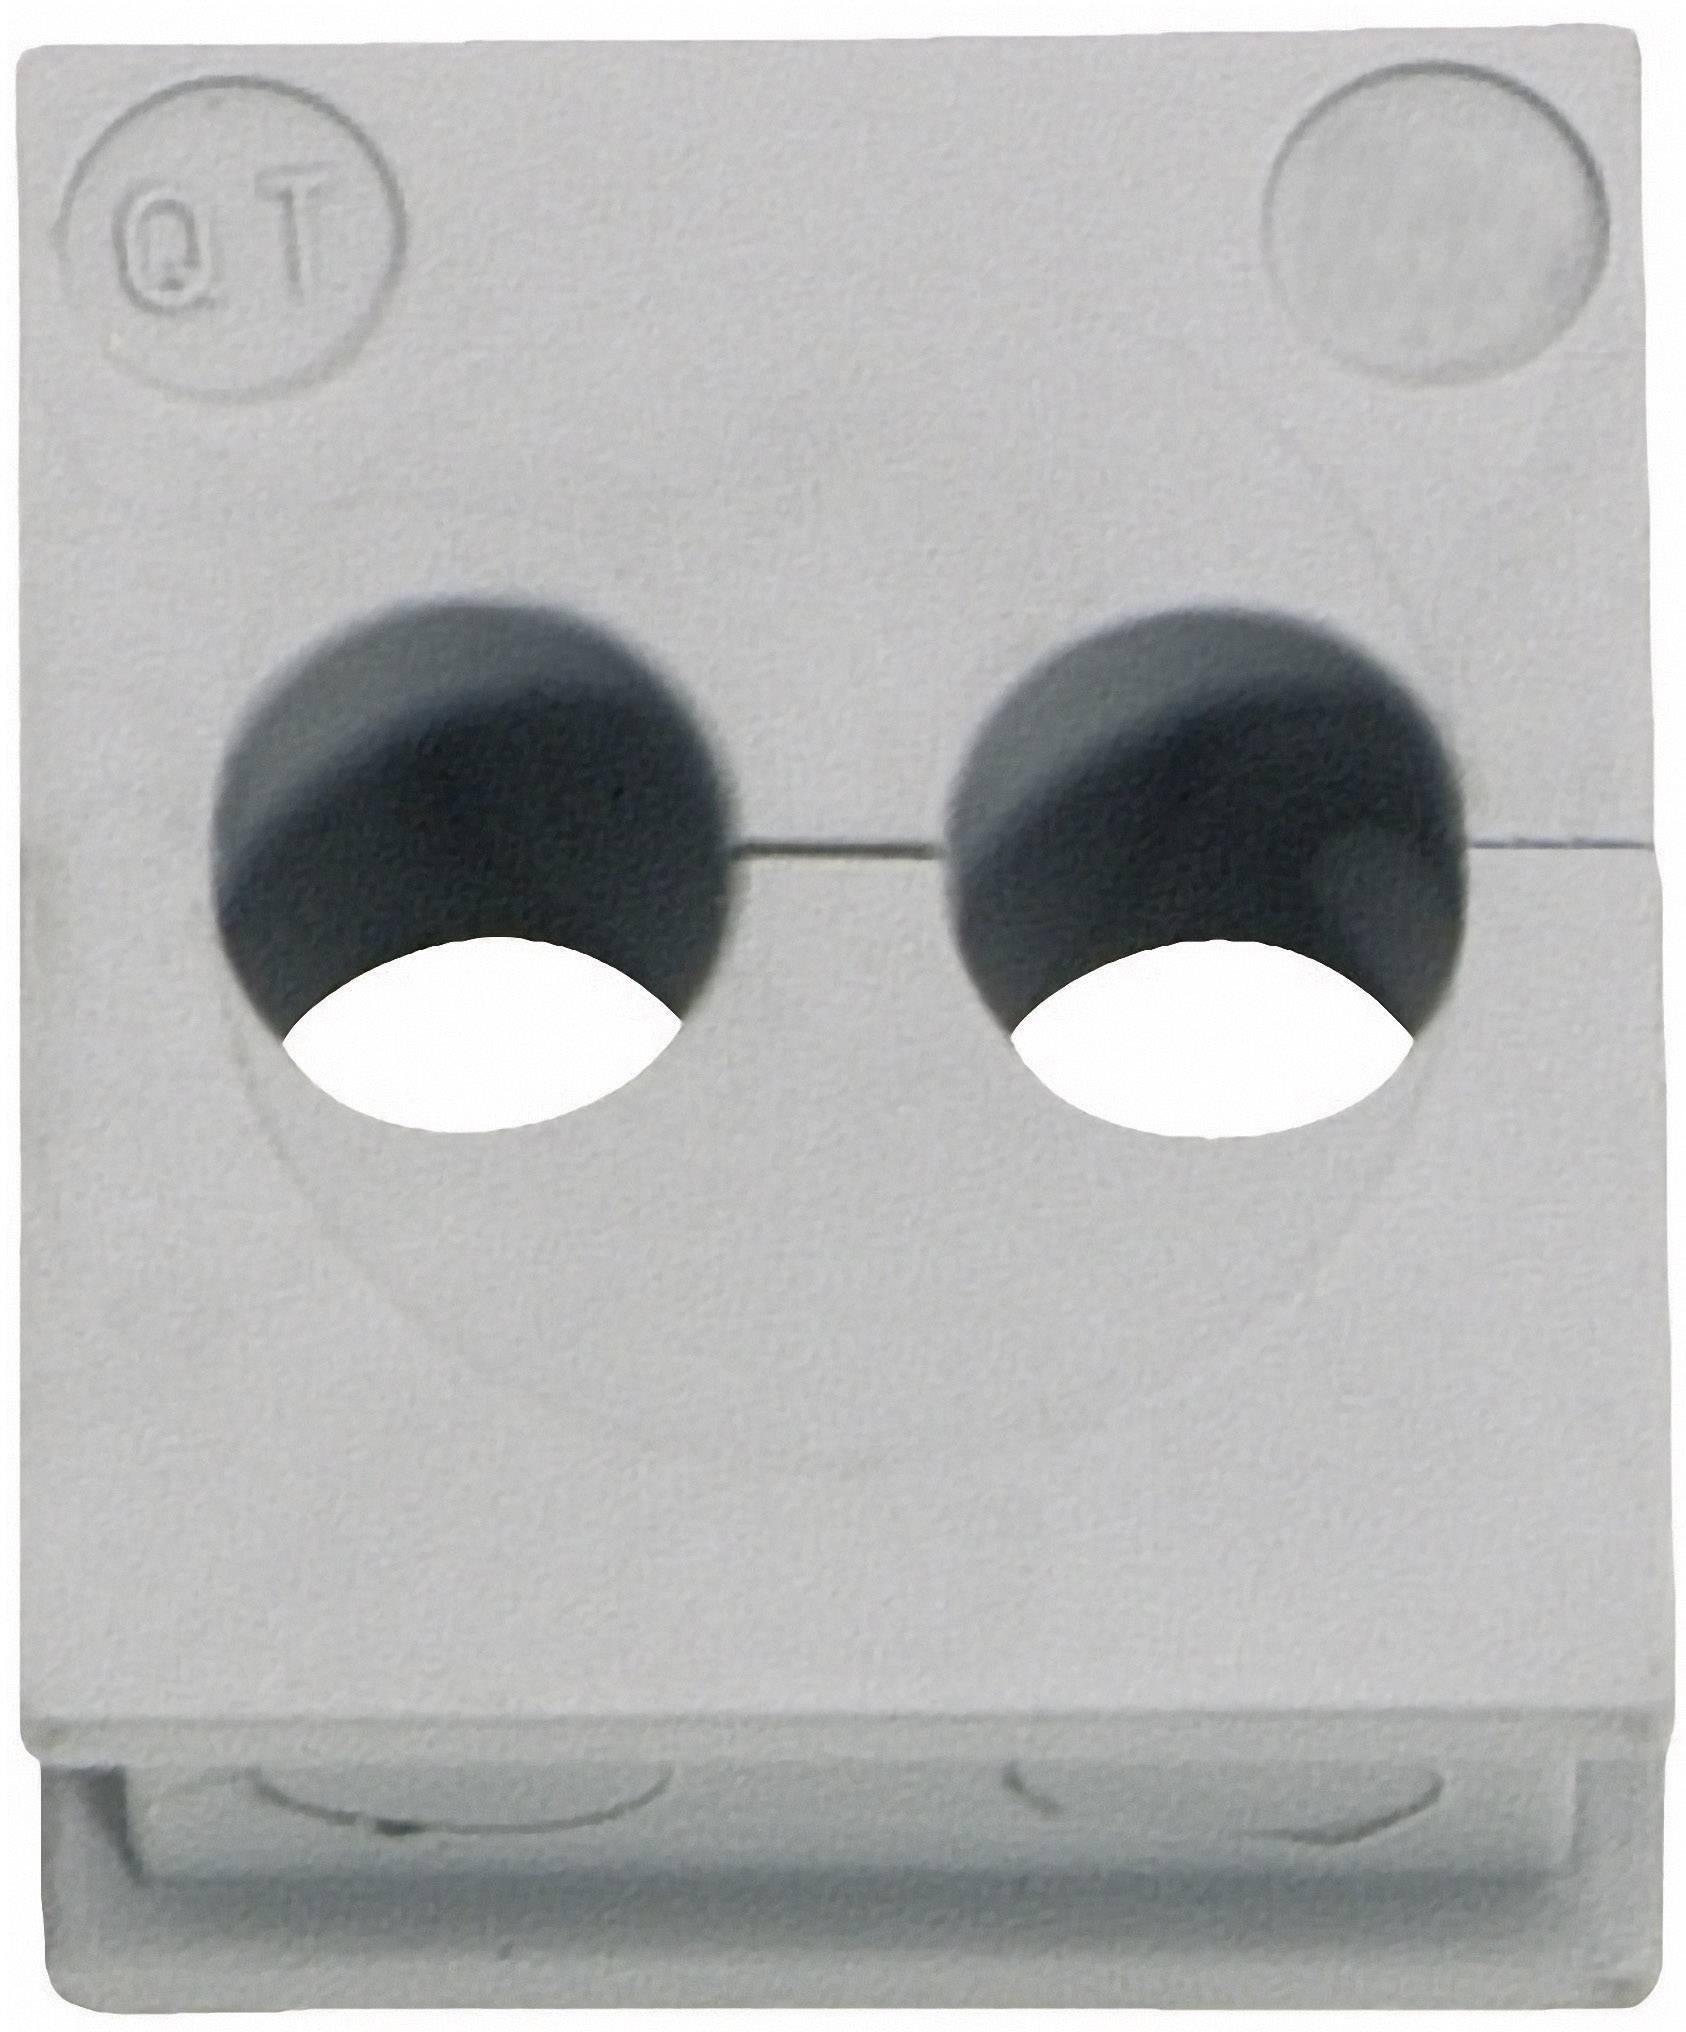 Icotek Kabelska kapa QT QT 2/5 za kabel- 2 x 5 mm, elastomer, siva